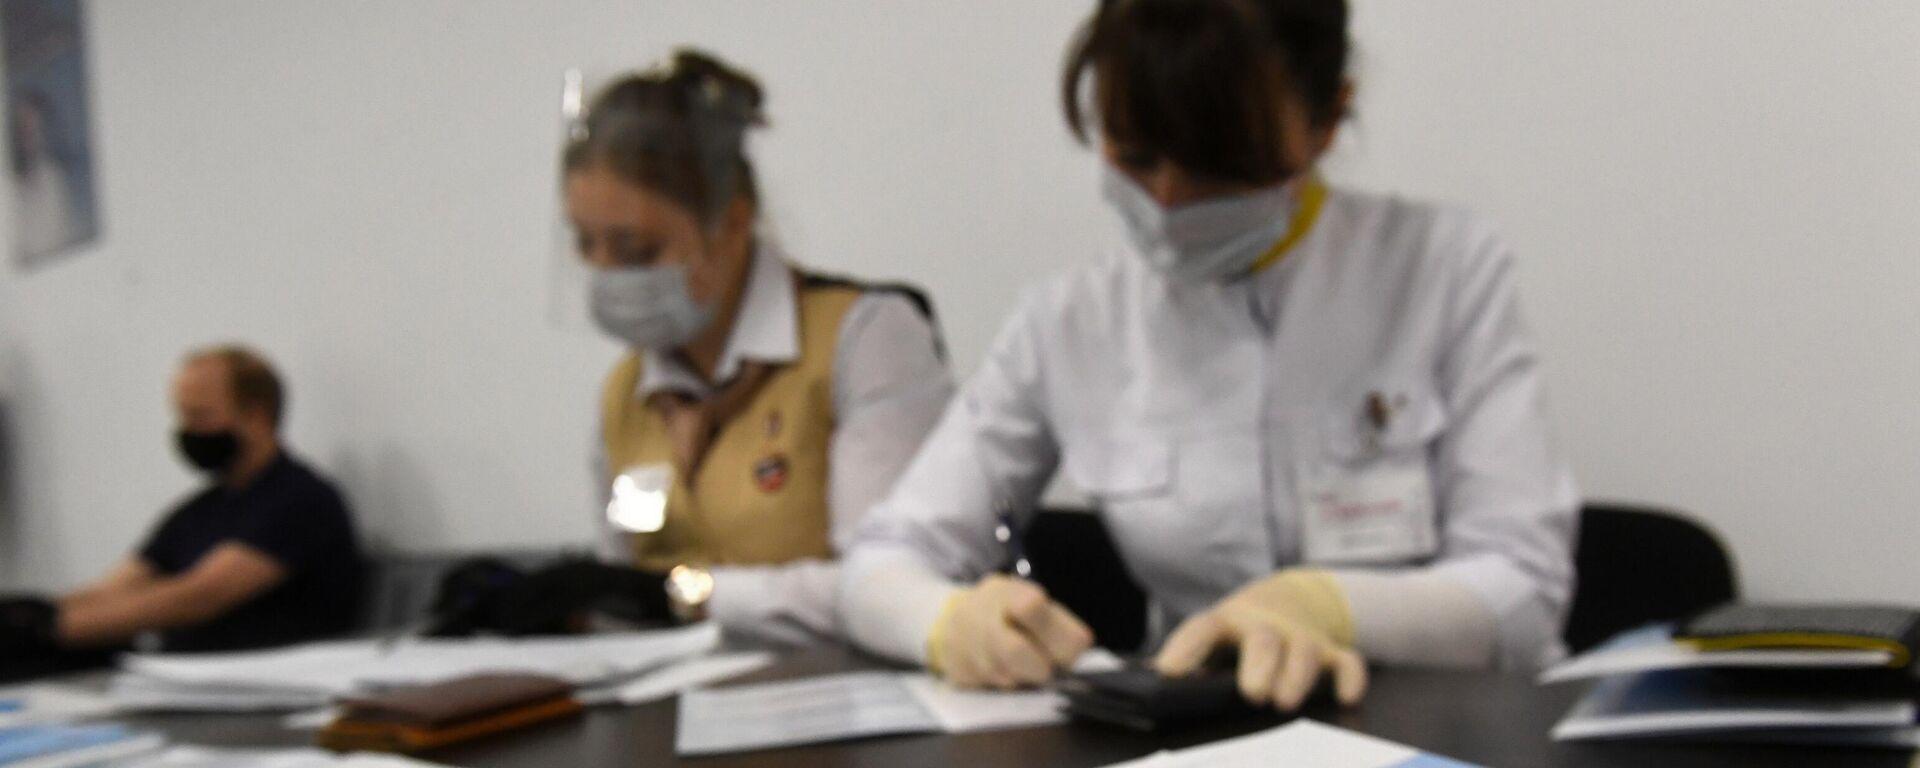 Medico certificato - Sputnik Italia, 1920, 03.08.2021